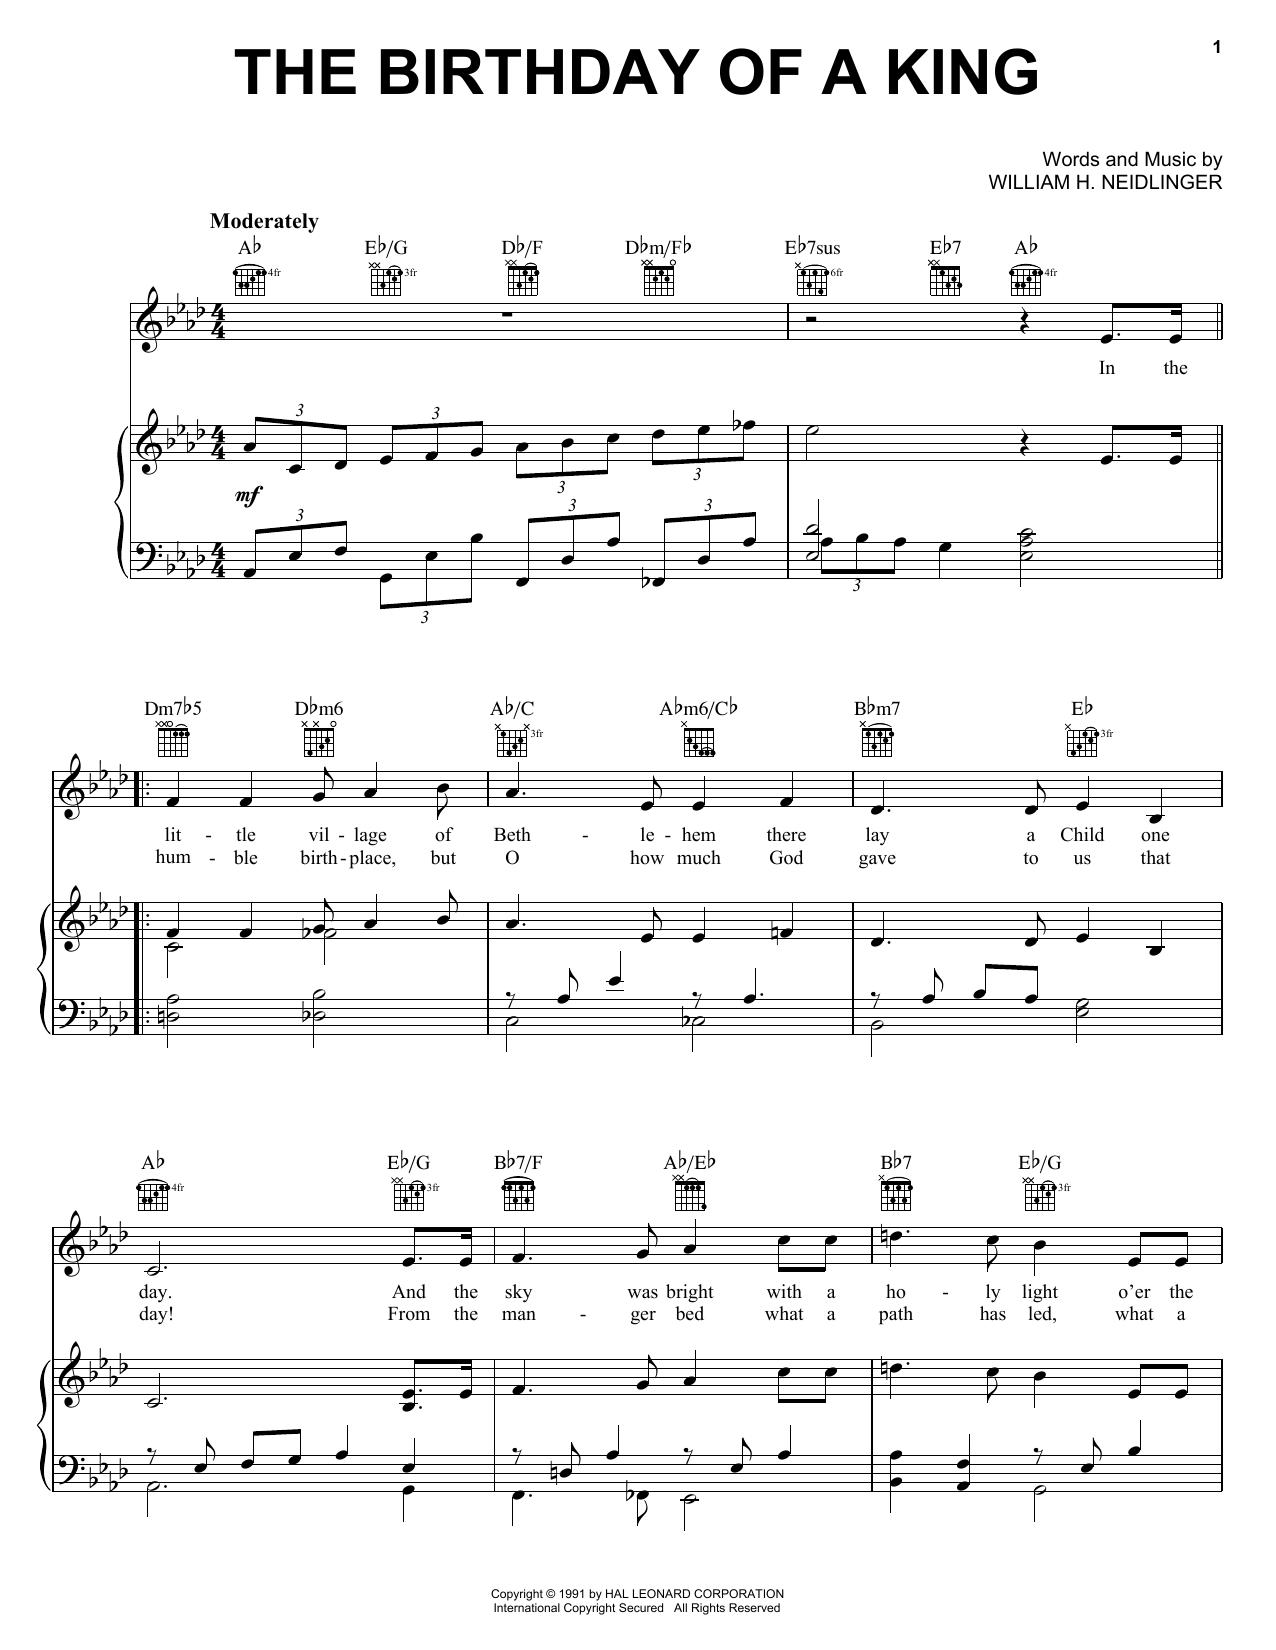 The Birthday of a King (Neidlinger) sheet music